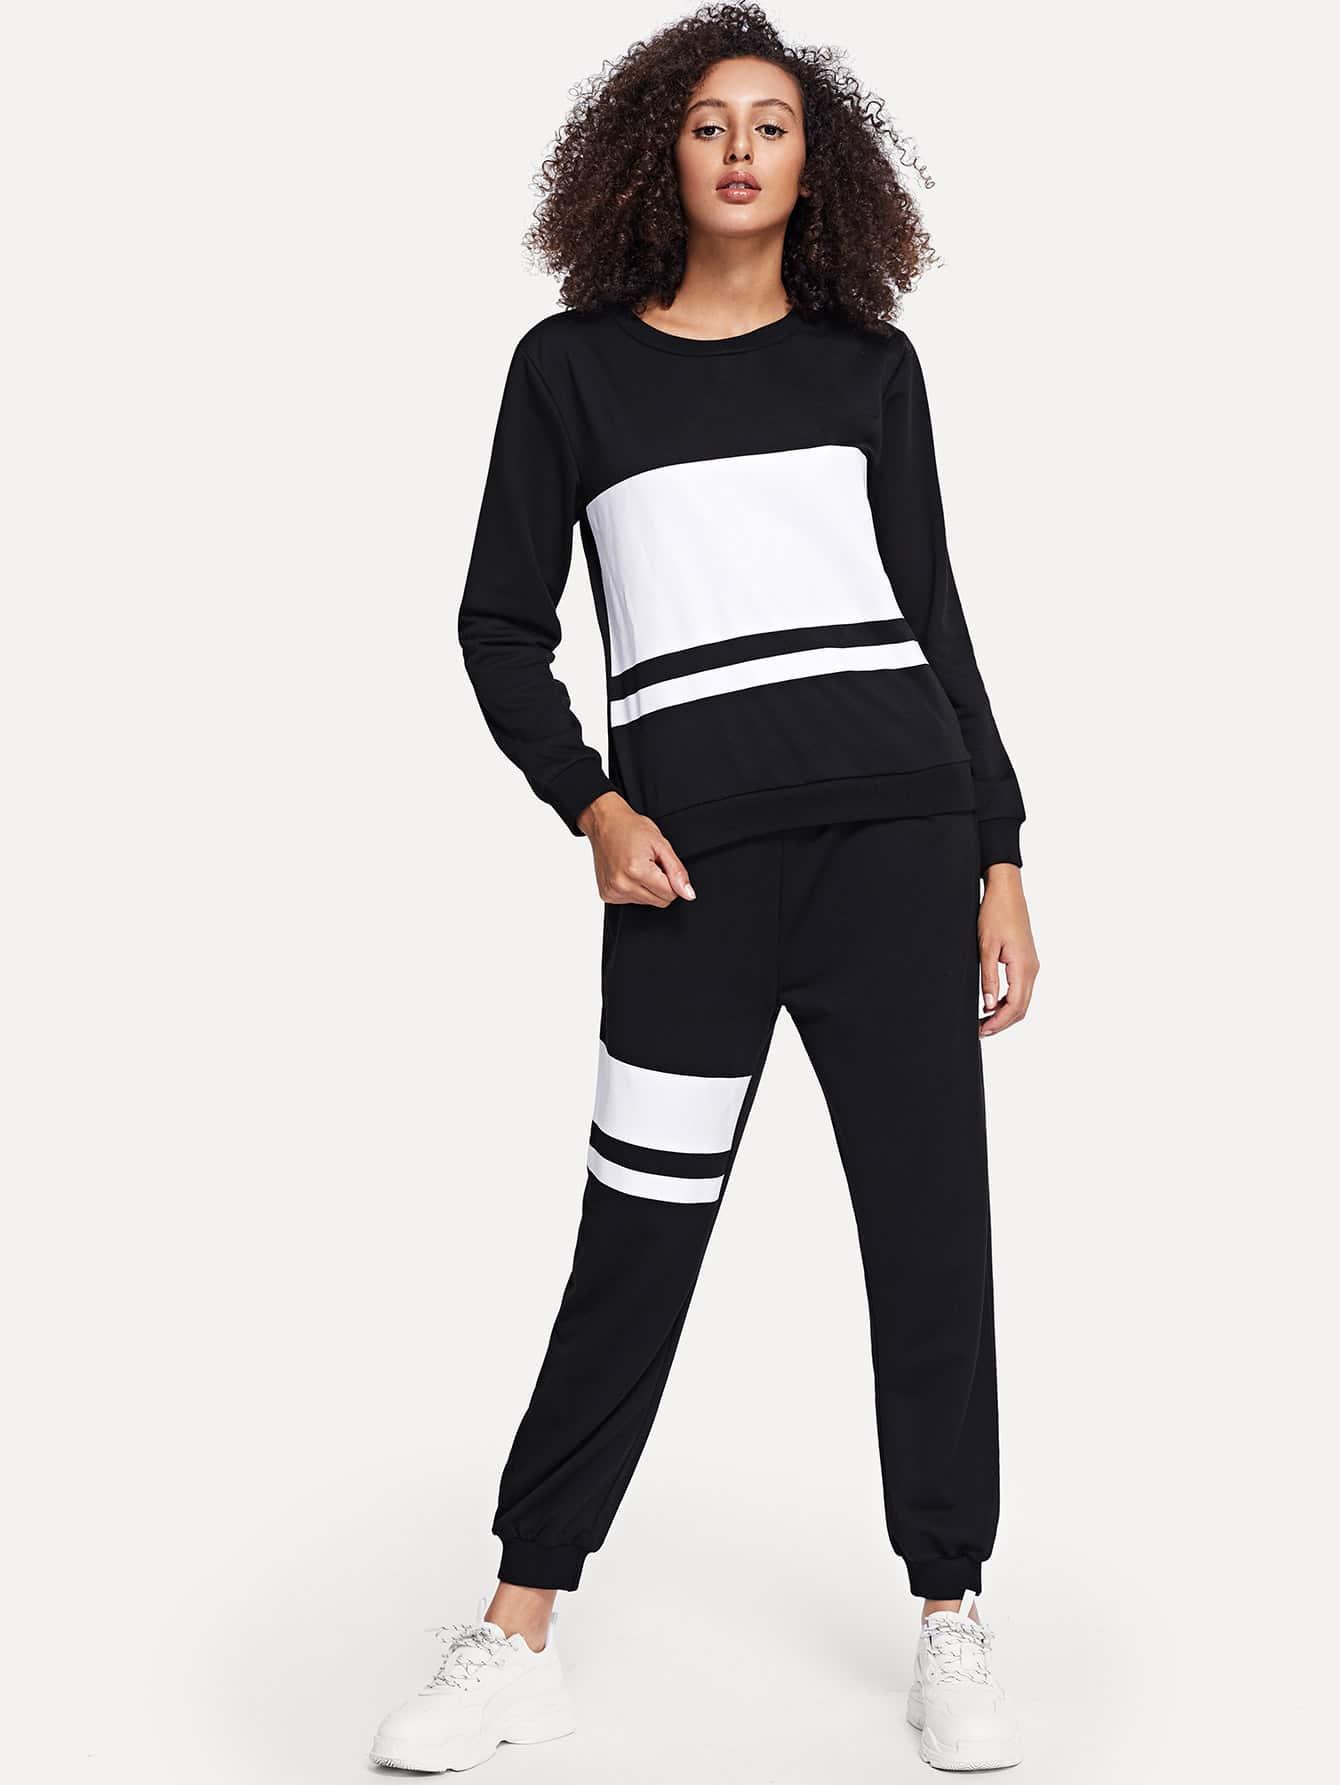 Купить Контрастная полосатая блуза и брюки, Elaine, SheIn